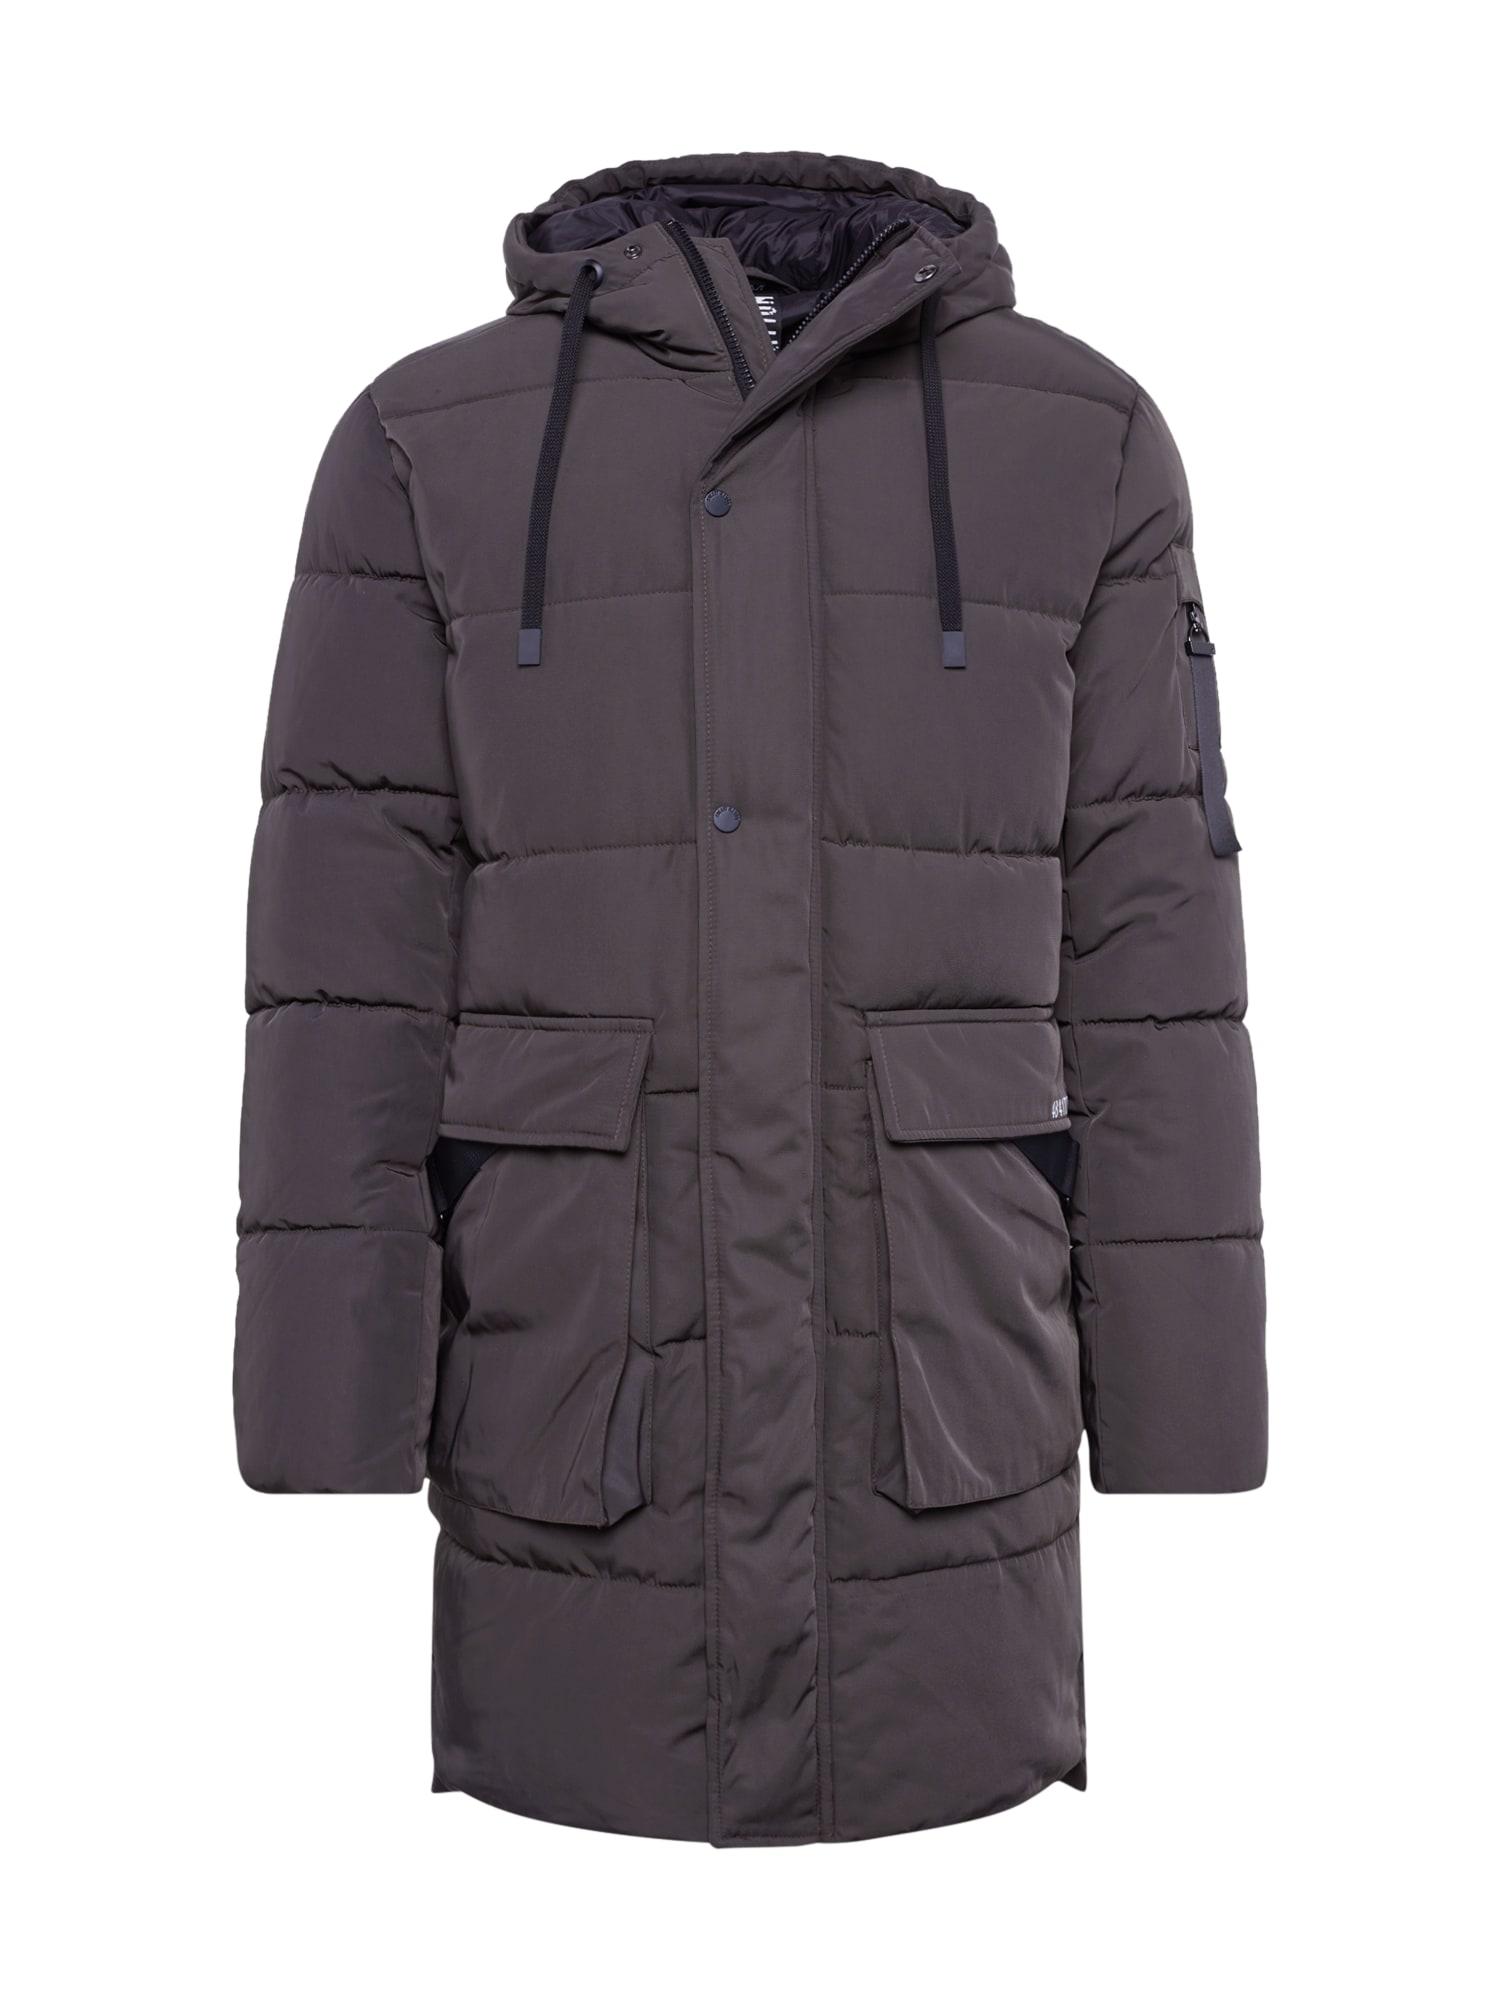 FREAKY NATION Žieminis paltas 'Cold and Windy' alyvuogių spalva